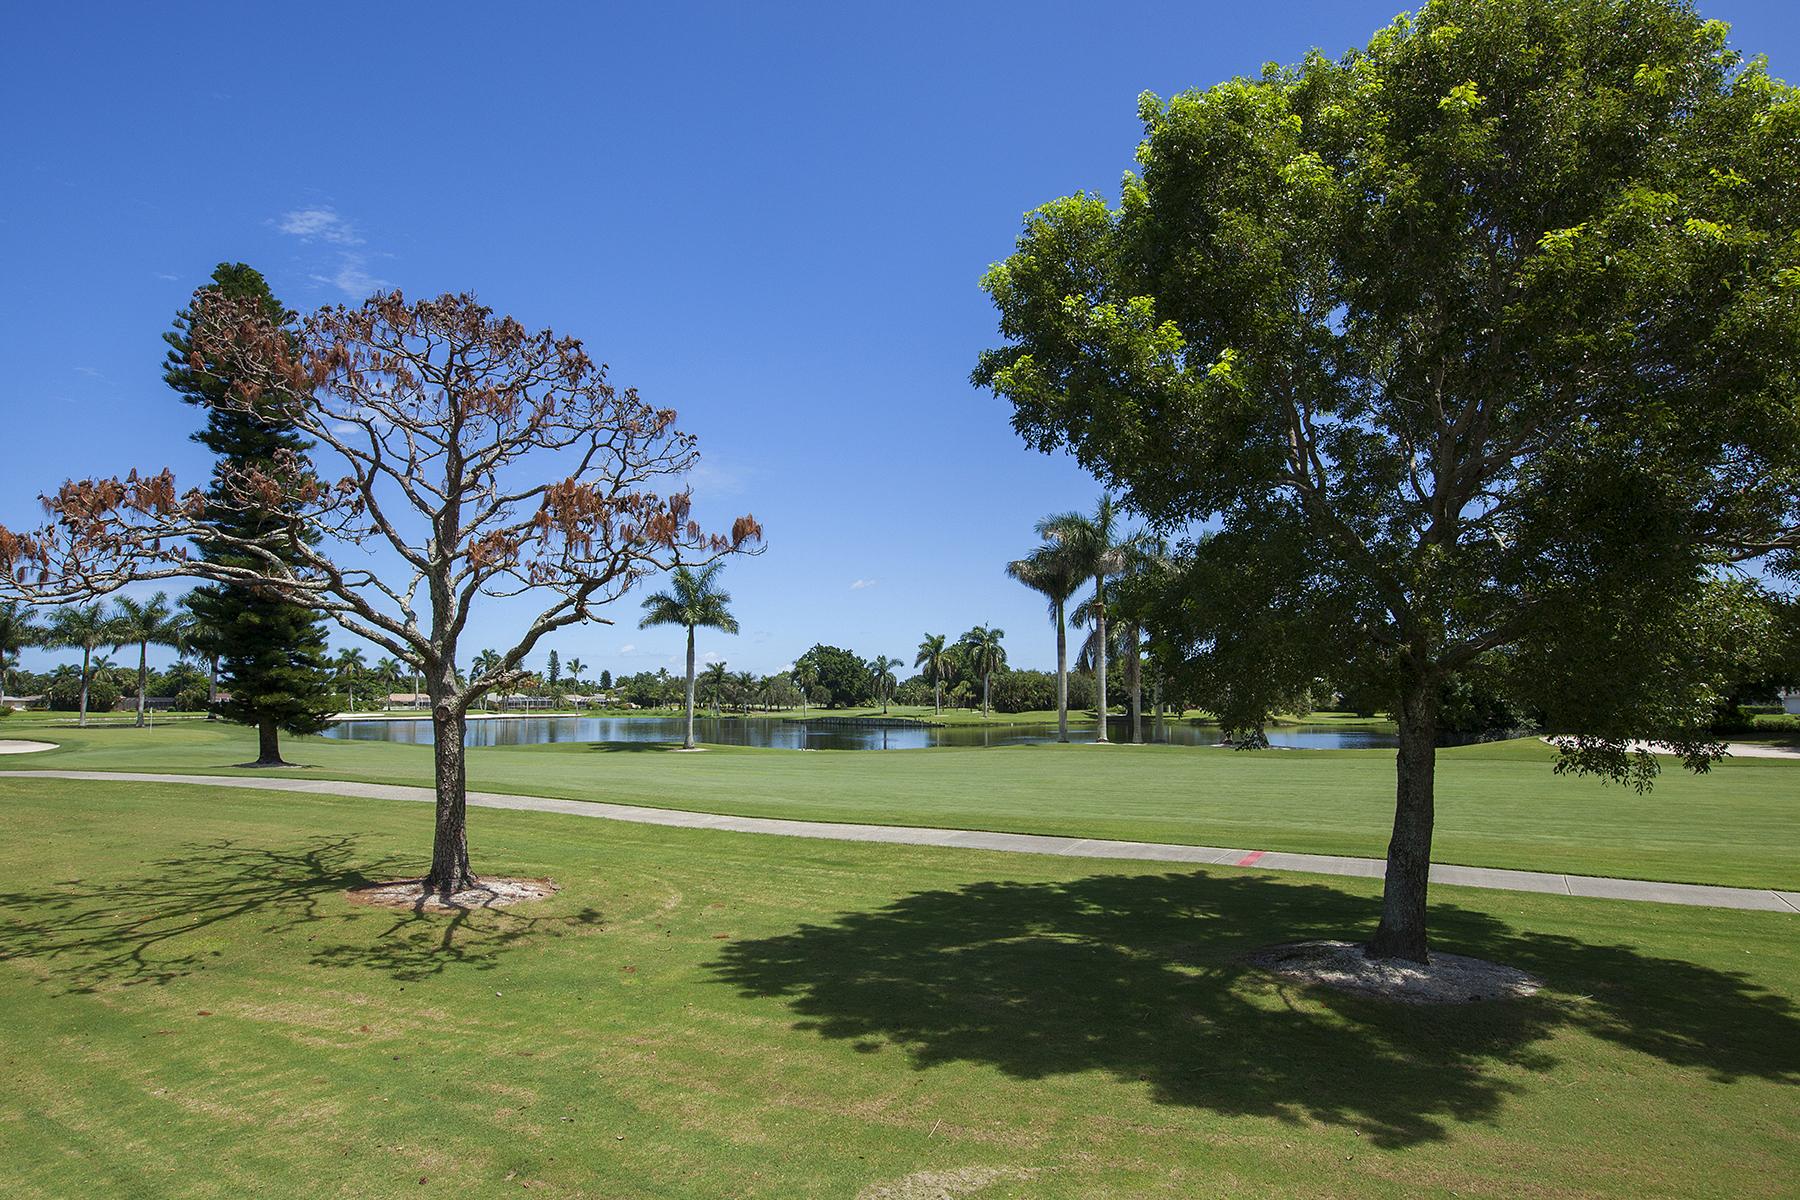 Villa per Vendita alle ore MARCO ISLAND - JAMAICA ROAD 1266 Jamaica Rd Marco Island, Florida, 34145 Stati Uniti